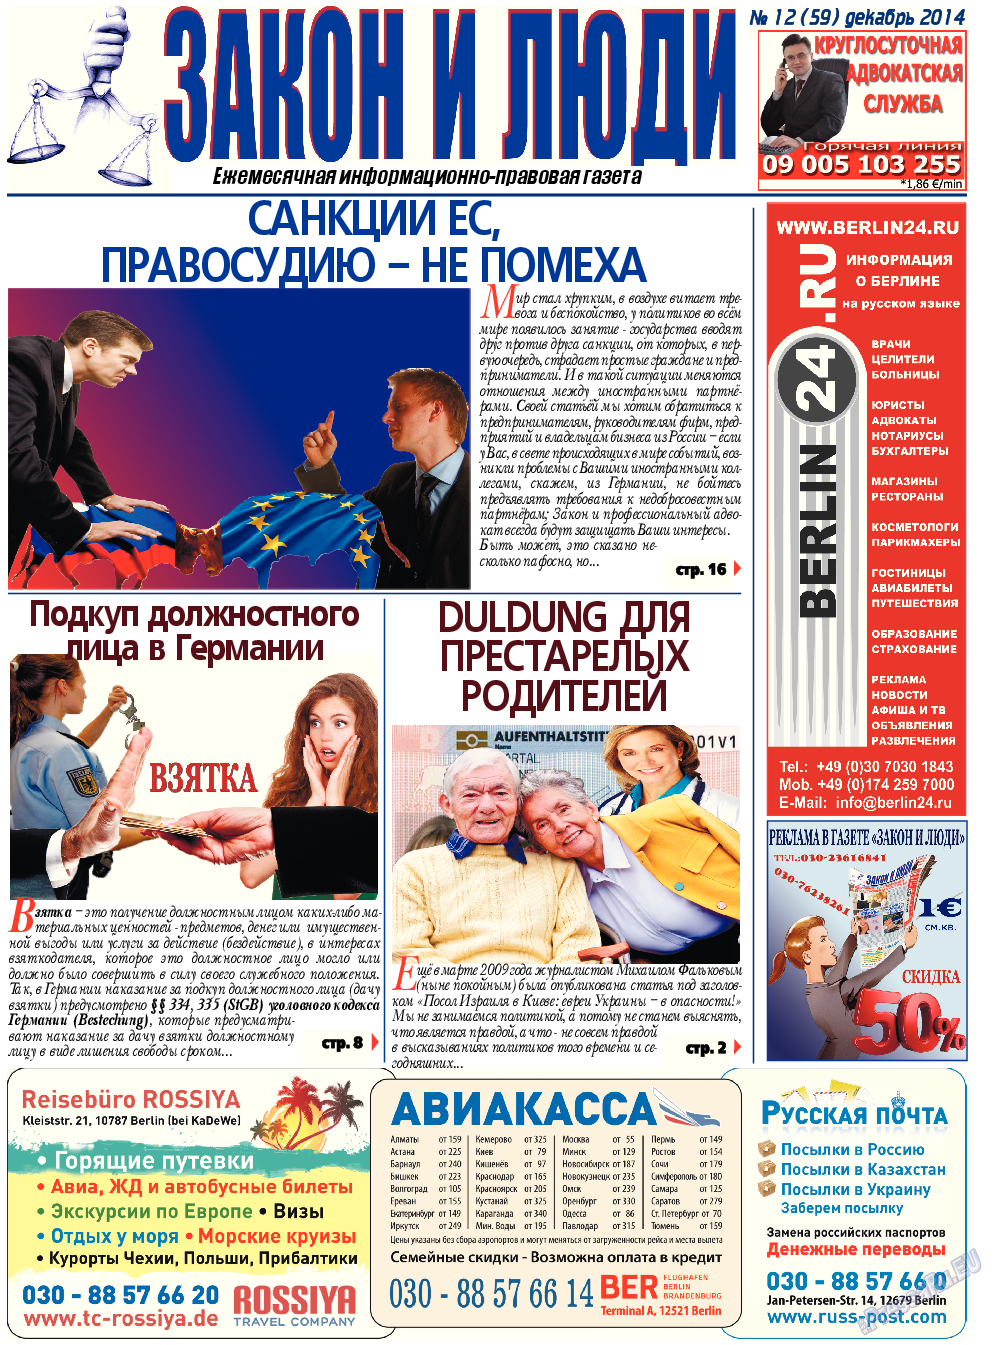 Закон и люди (газета). 2014 год, номер 12, стр. 1